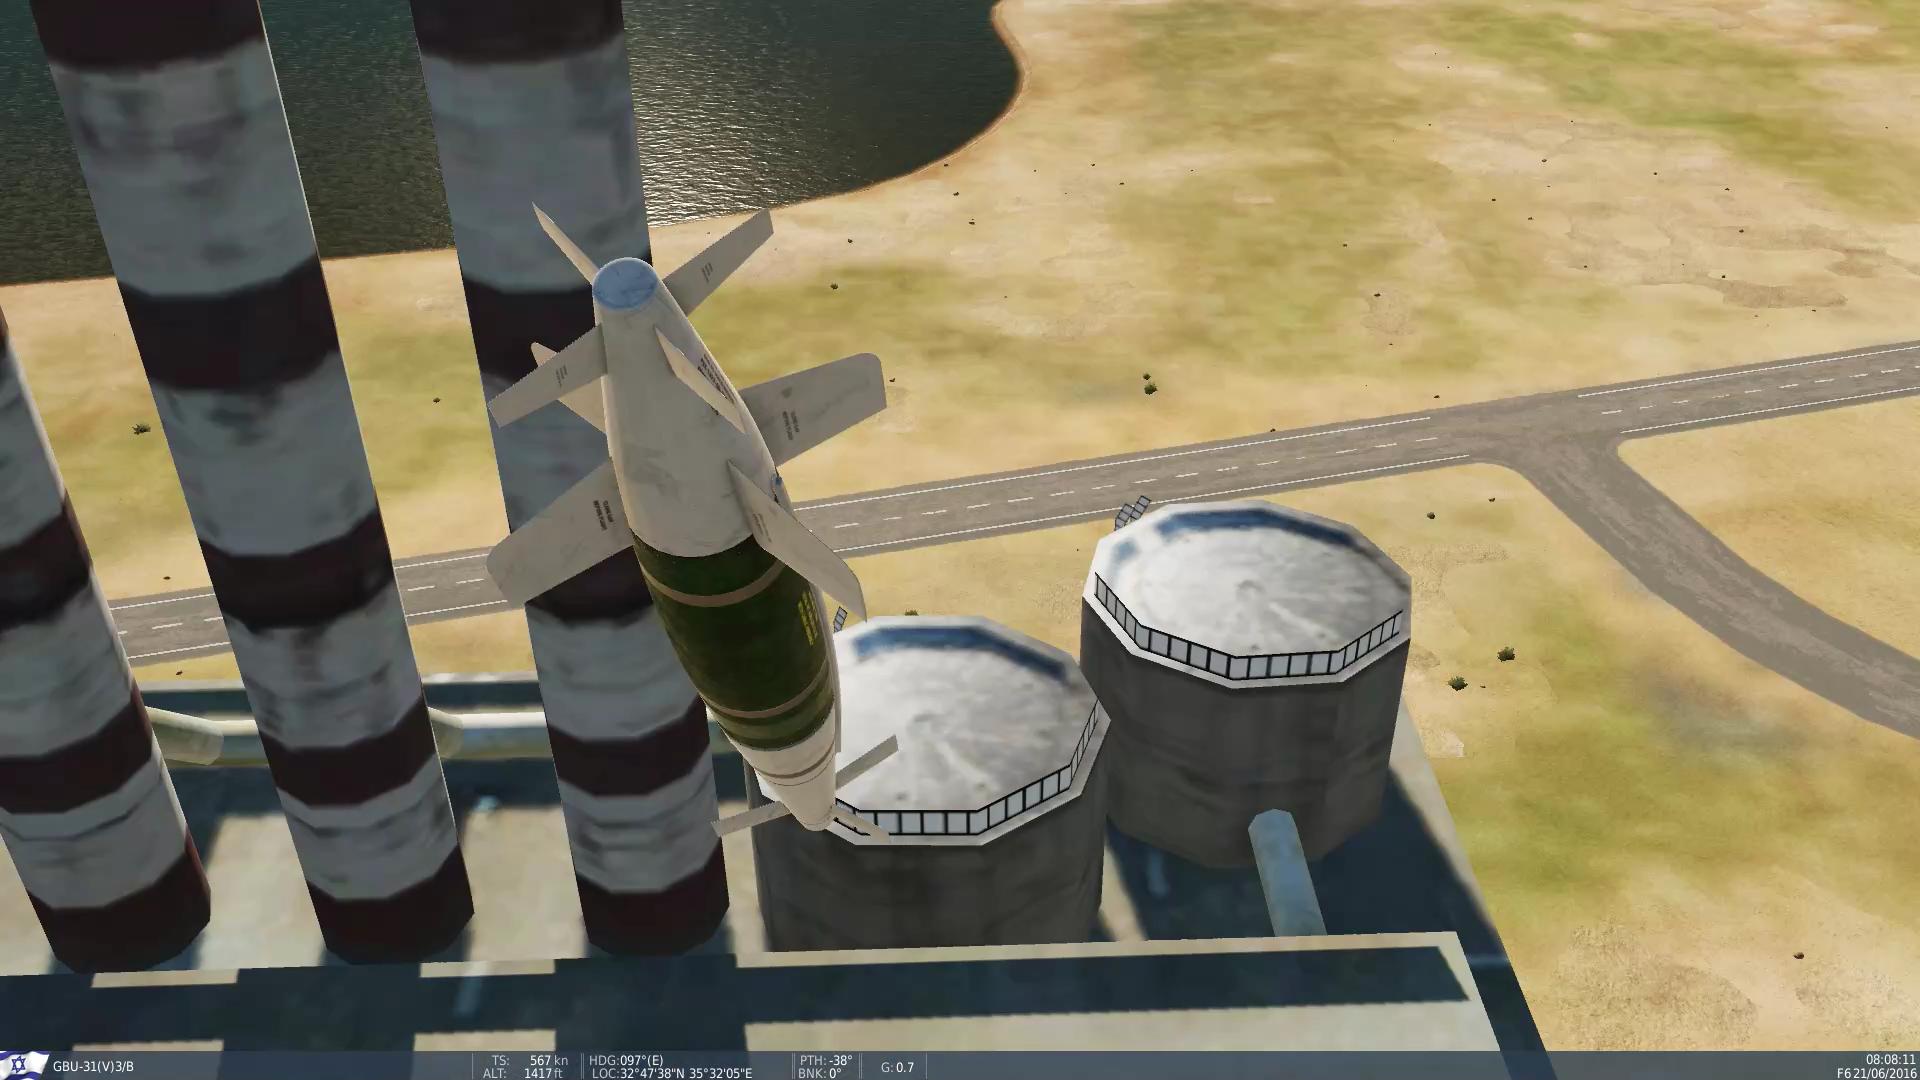 פצצת ספייס (מוד סופה גרסה 1.1) אלפית שניה לפני פגיעה במפעל ליד טבריה